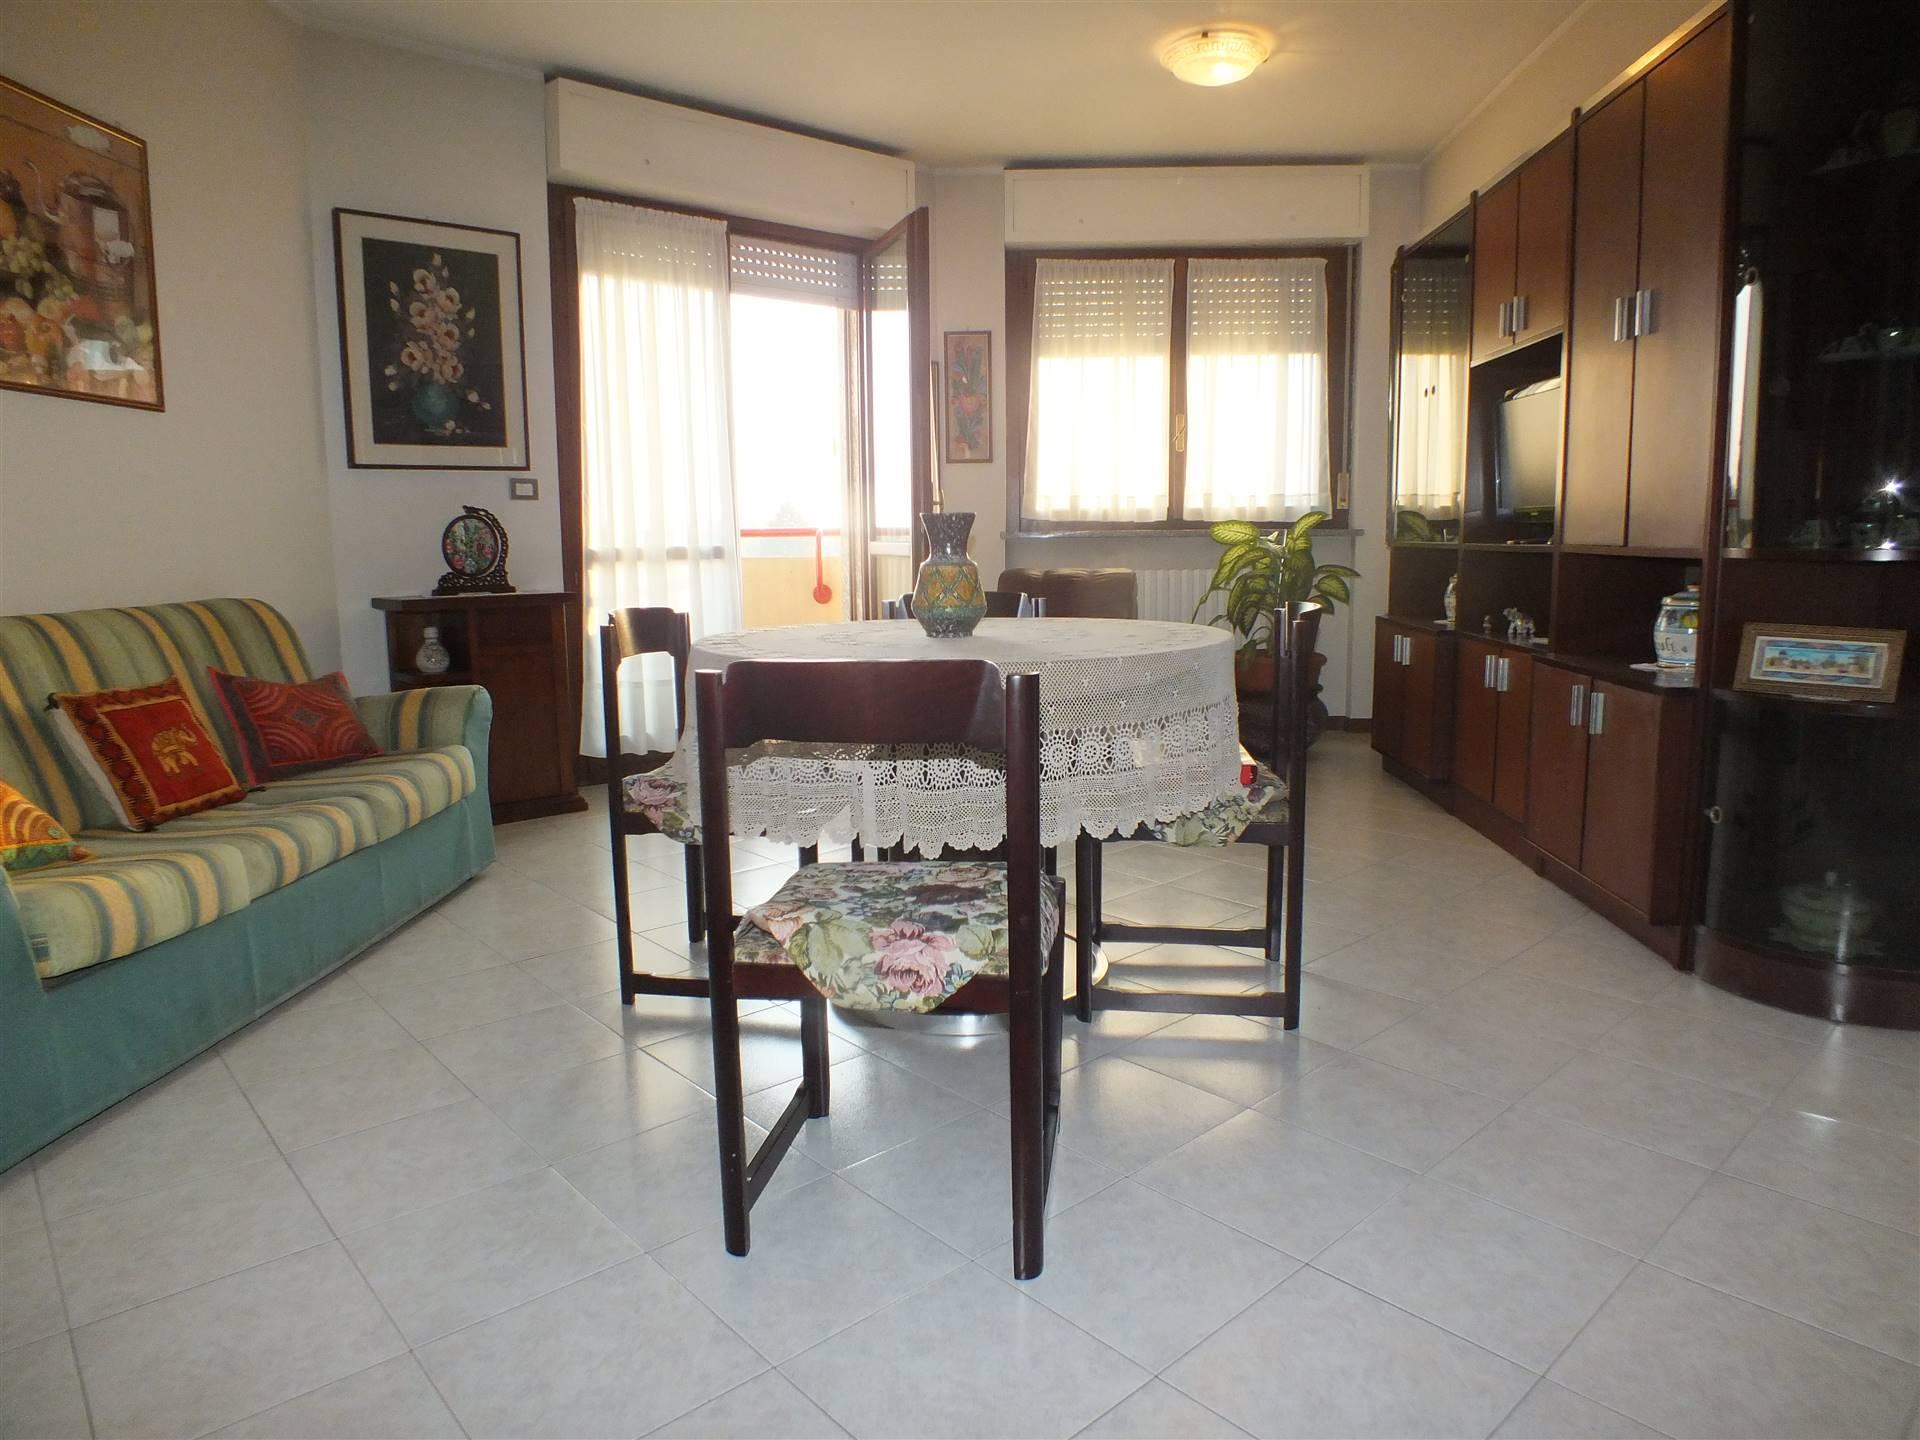 Appartamento in vendita a Melzo, 3 locali, zona Località: VENETO, prezzo € 224.000   PortaleAgenzieImmobiliari.it